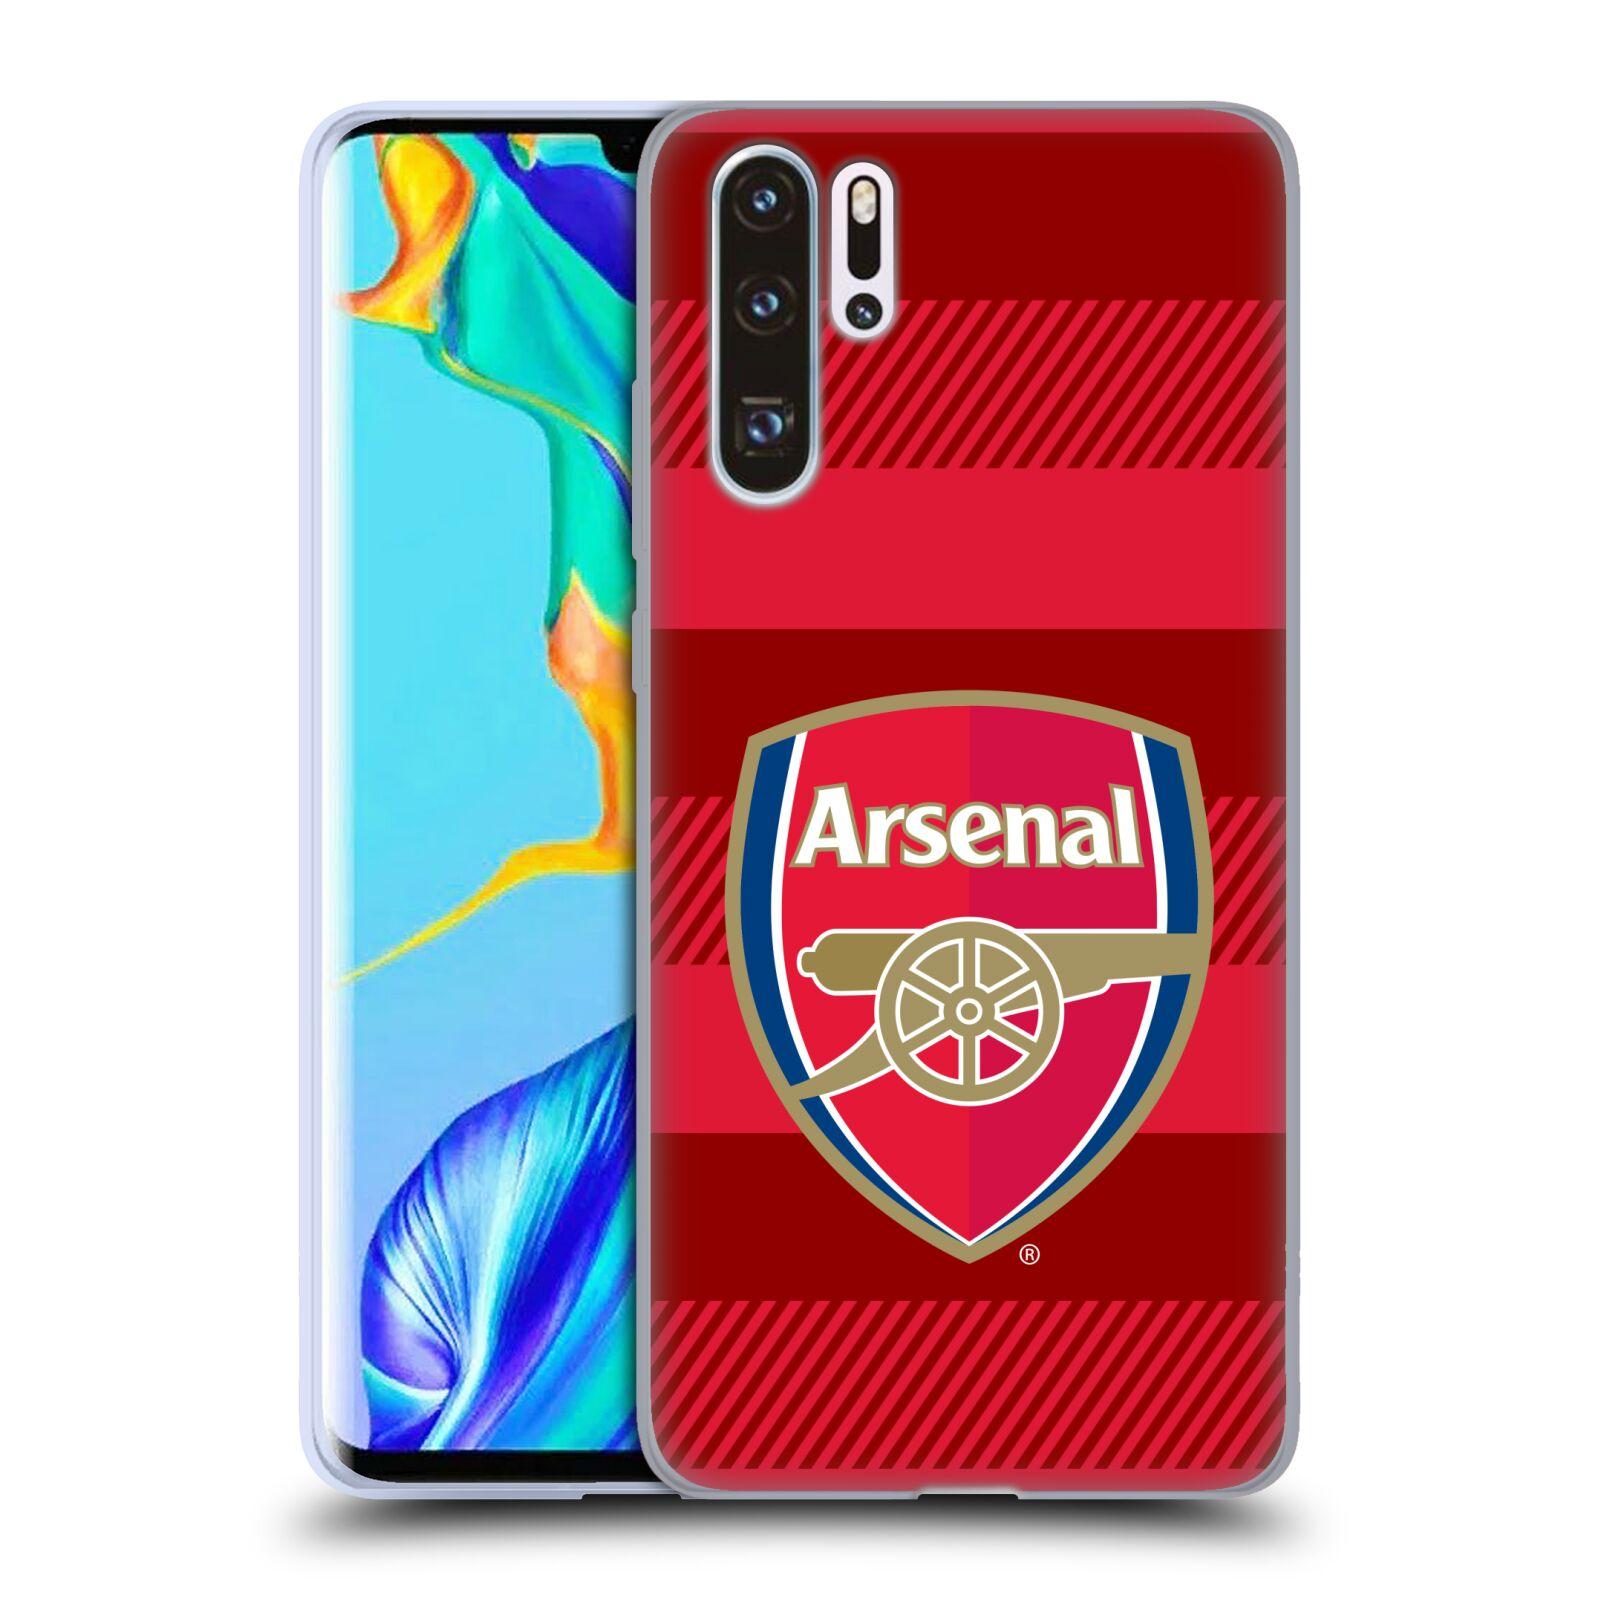 Silikonové pouzdro na mobil Huawei P30 Pro - Head Case - Arsenal FC - Logo s pruhy